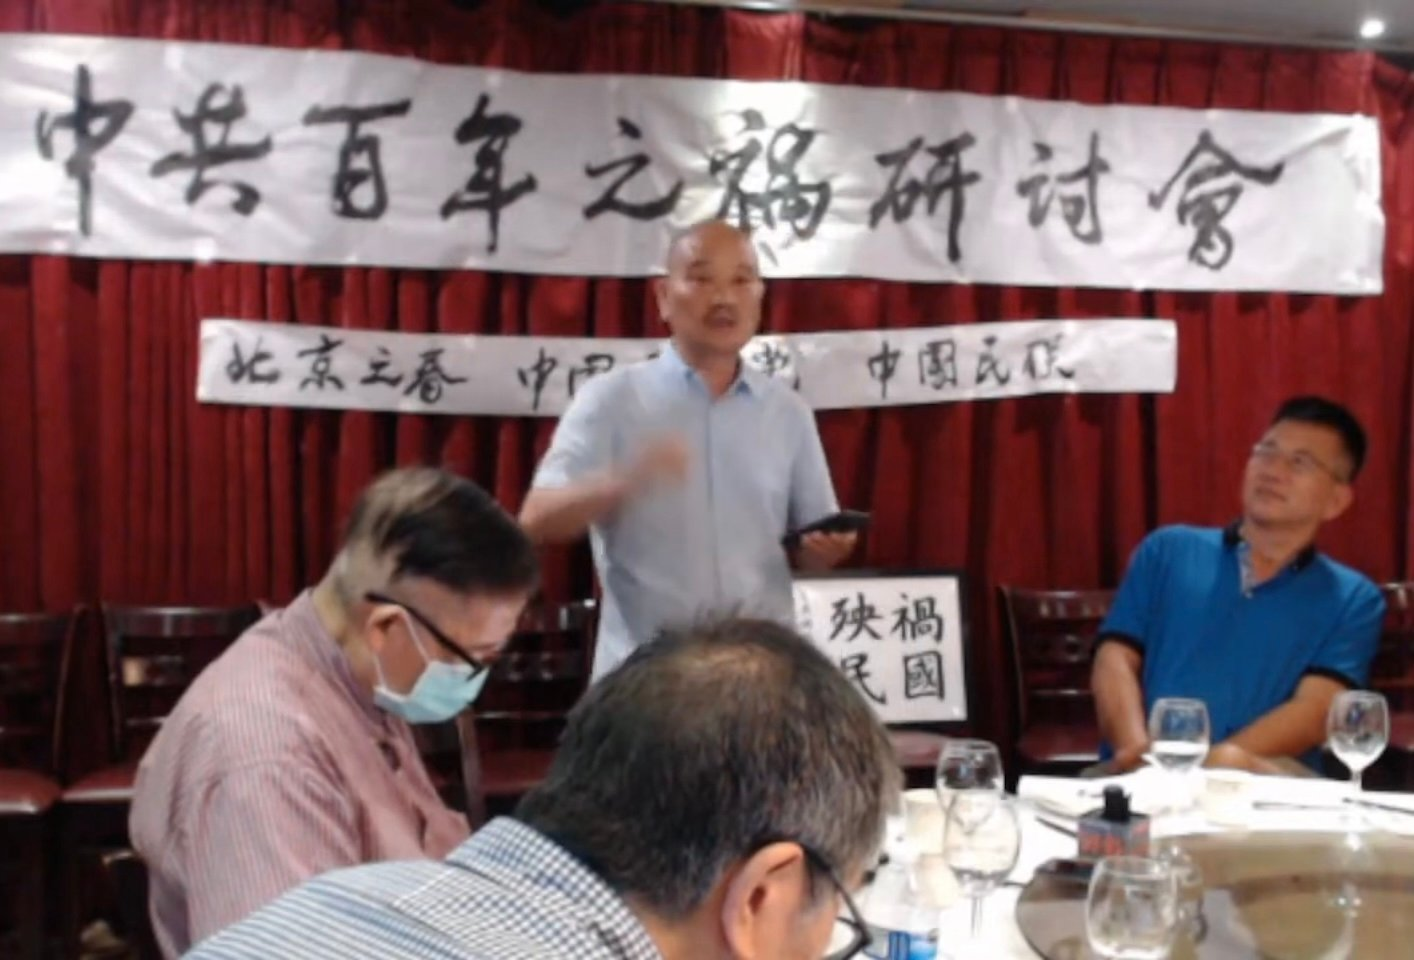 旅美湖南同鄉會前會長李林(站立者)說,自己的祖父母是中共建黨初期就跟隨中共的「老革命」,但在中共奪取政權後,因為出於良心保護了一個家人被「鎮反」的親戚,而被打成了「假革命」。(中國民主黨影片截圖)